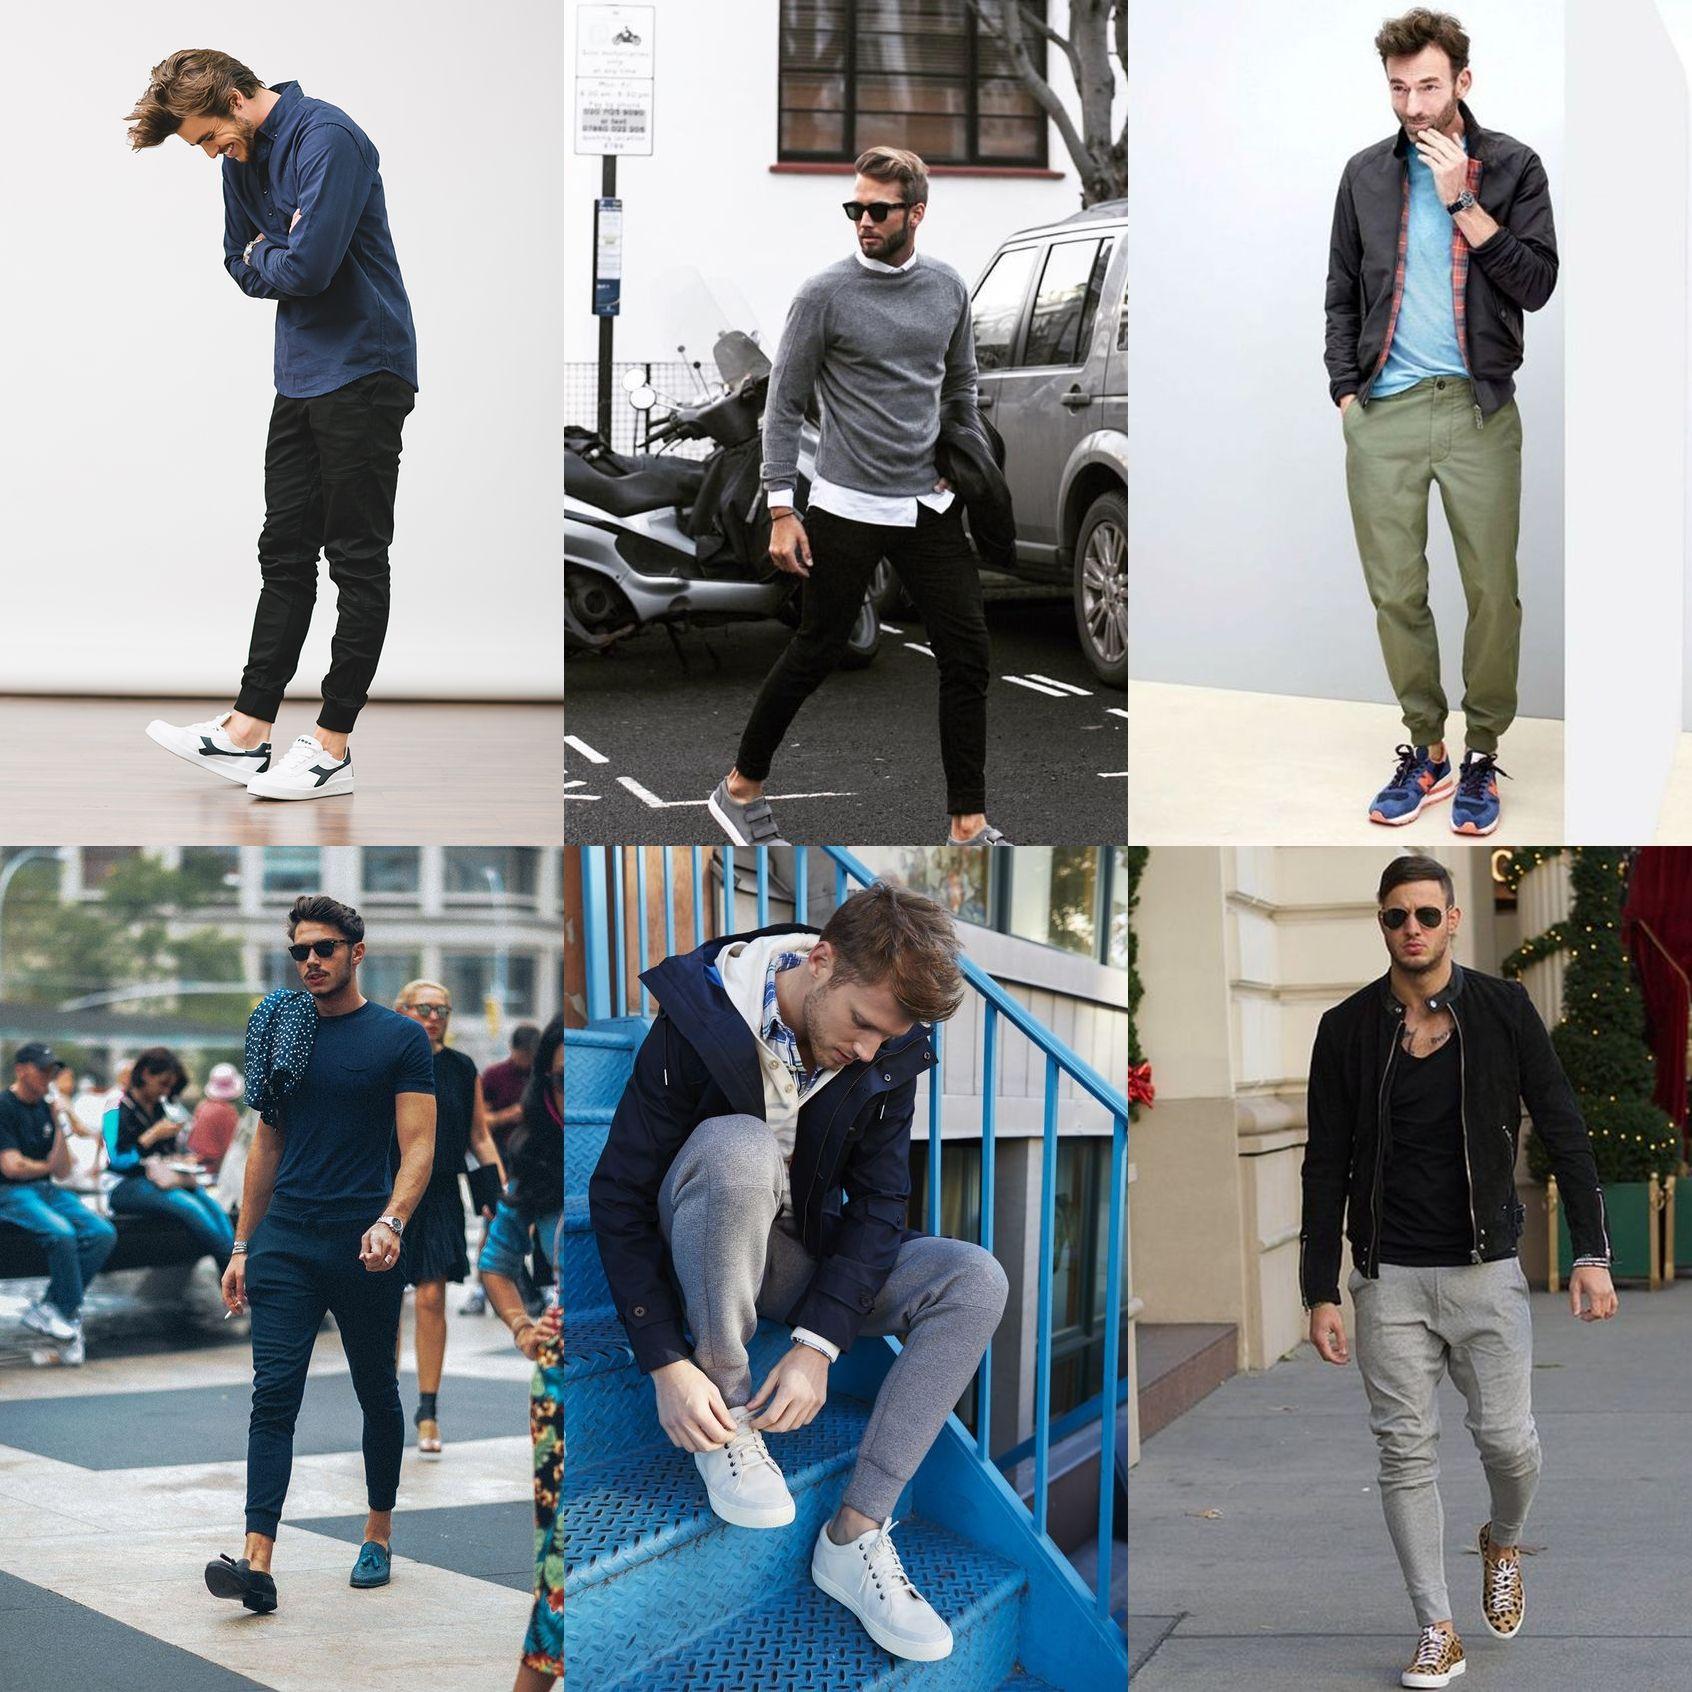 calça masculina 2017, jogger masculina, capri masculina, legging masculina,  jeans destroyed masculino, blog de moda masculina, alex cursino, moda sem  ... 1befe125c8